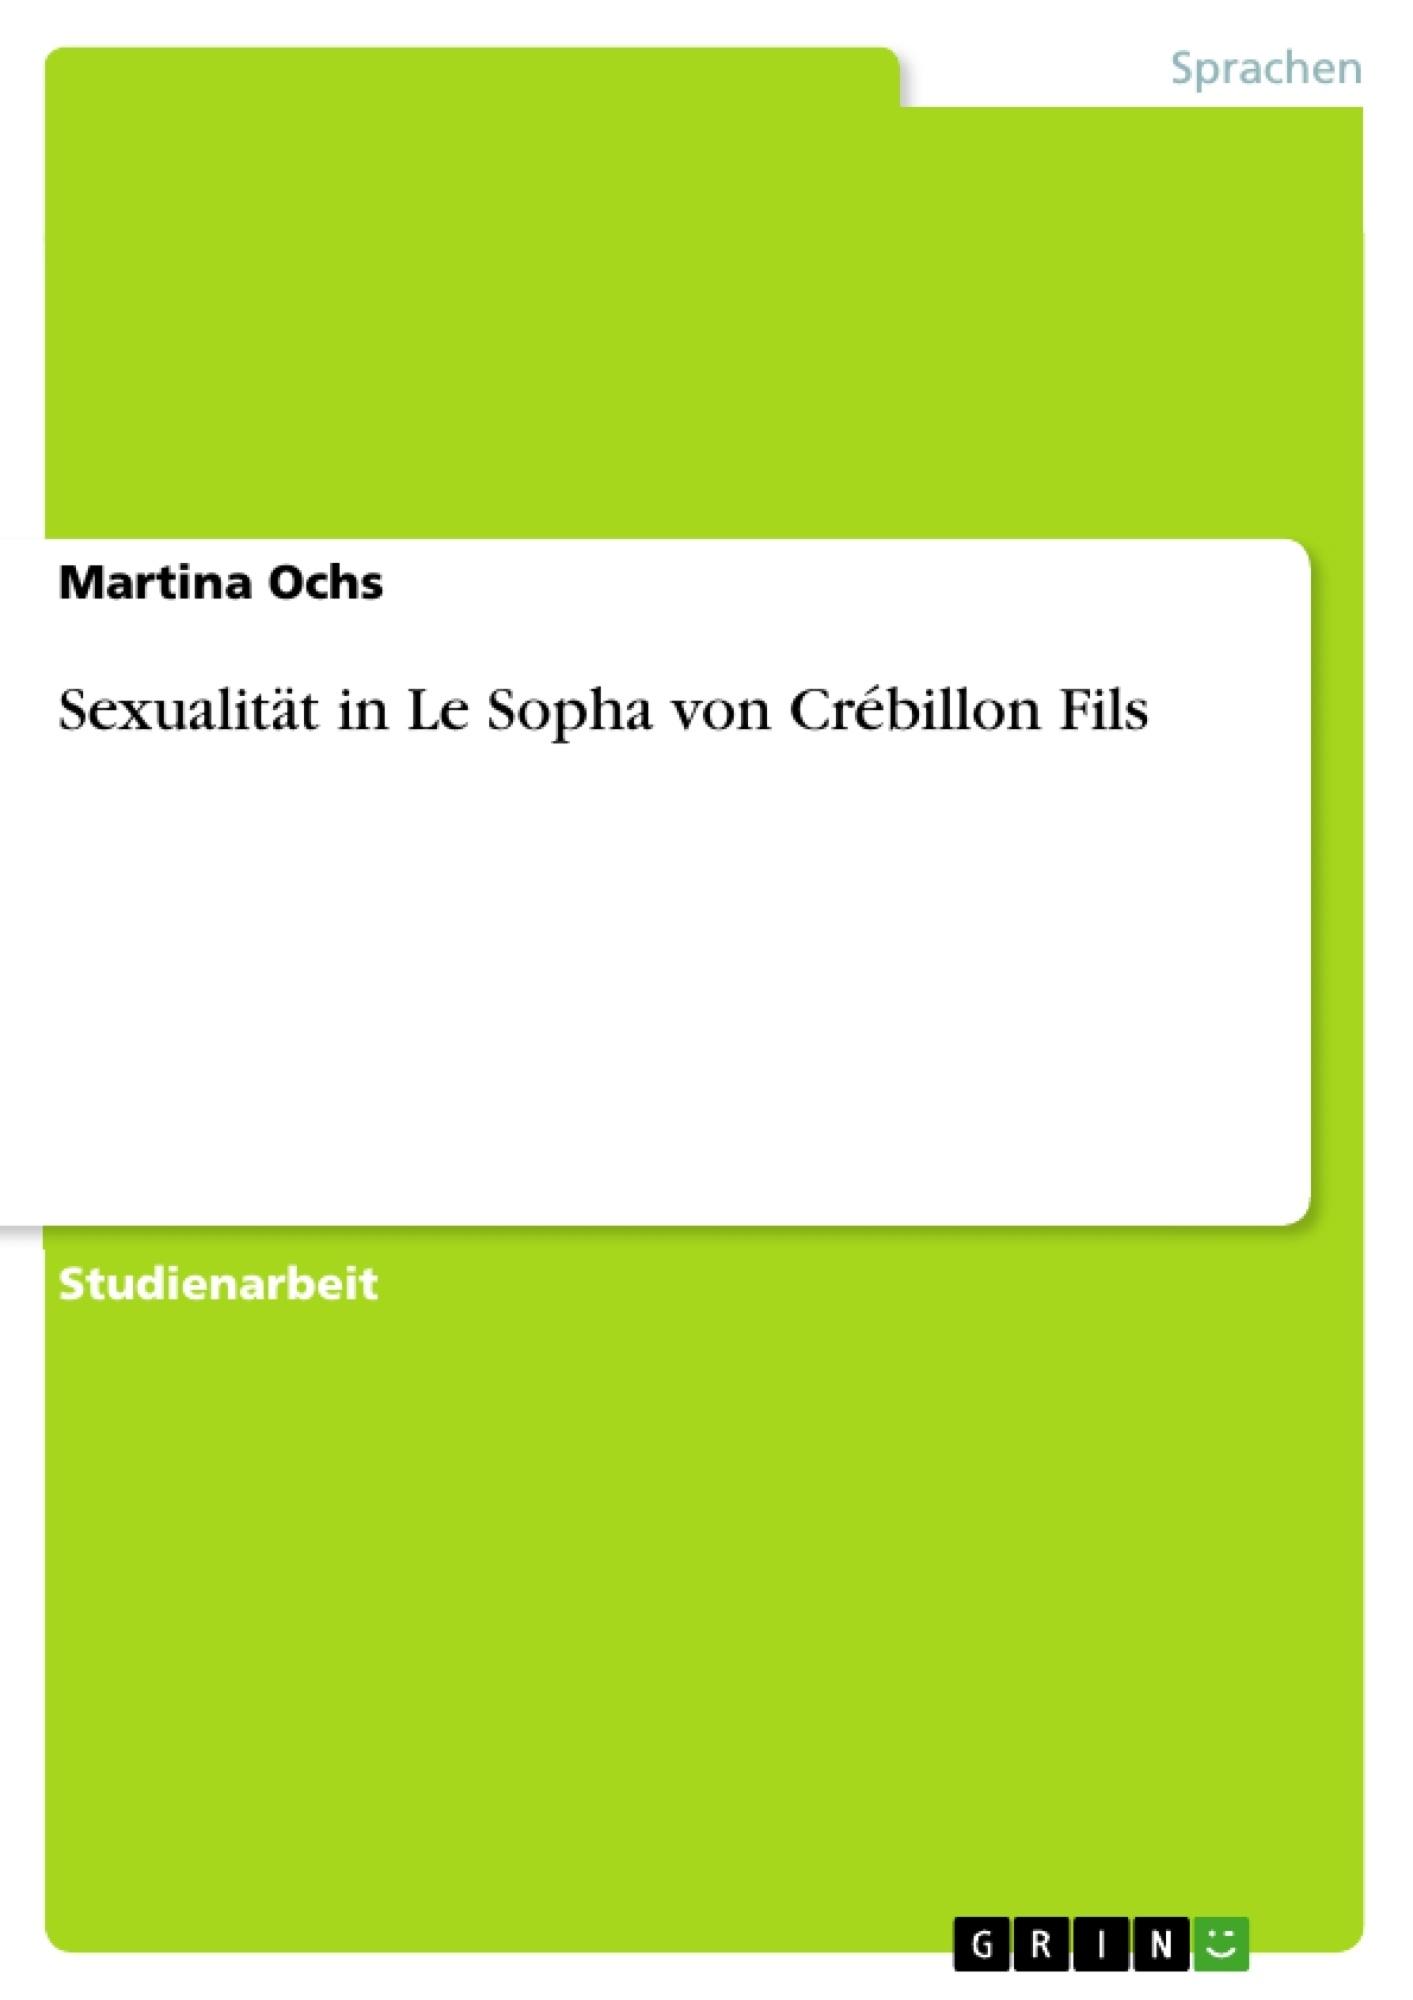 Titel: Sexualität in  Le Sopha  von Crébillon Fils